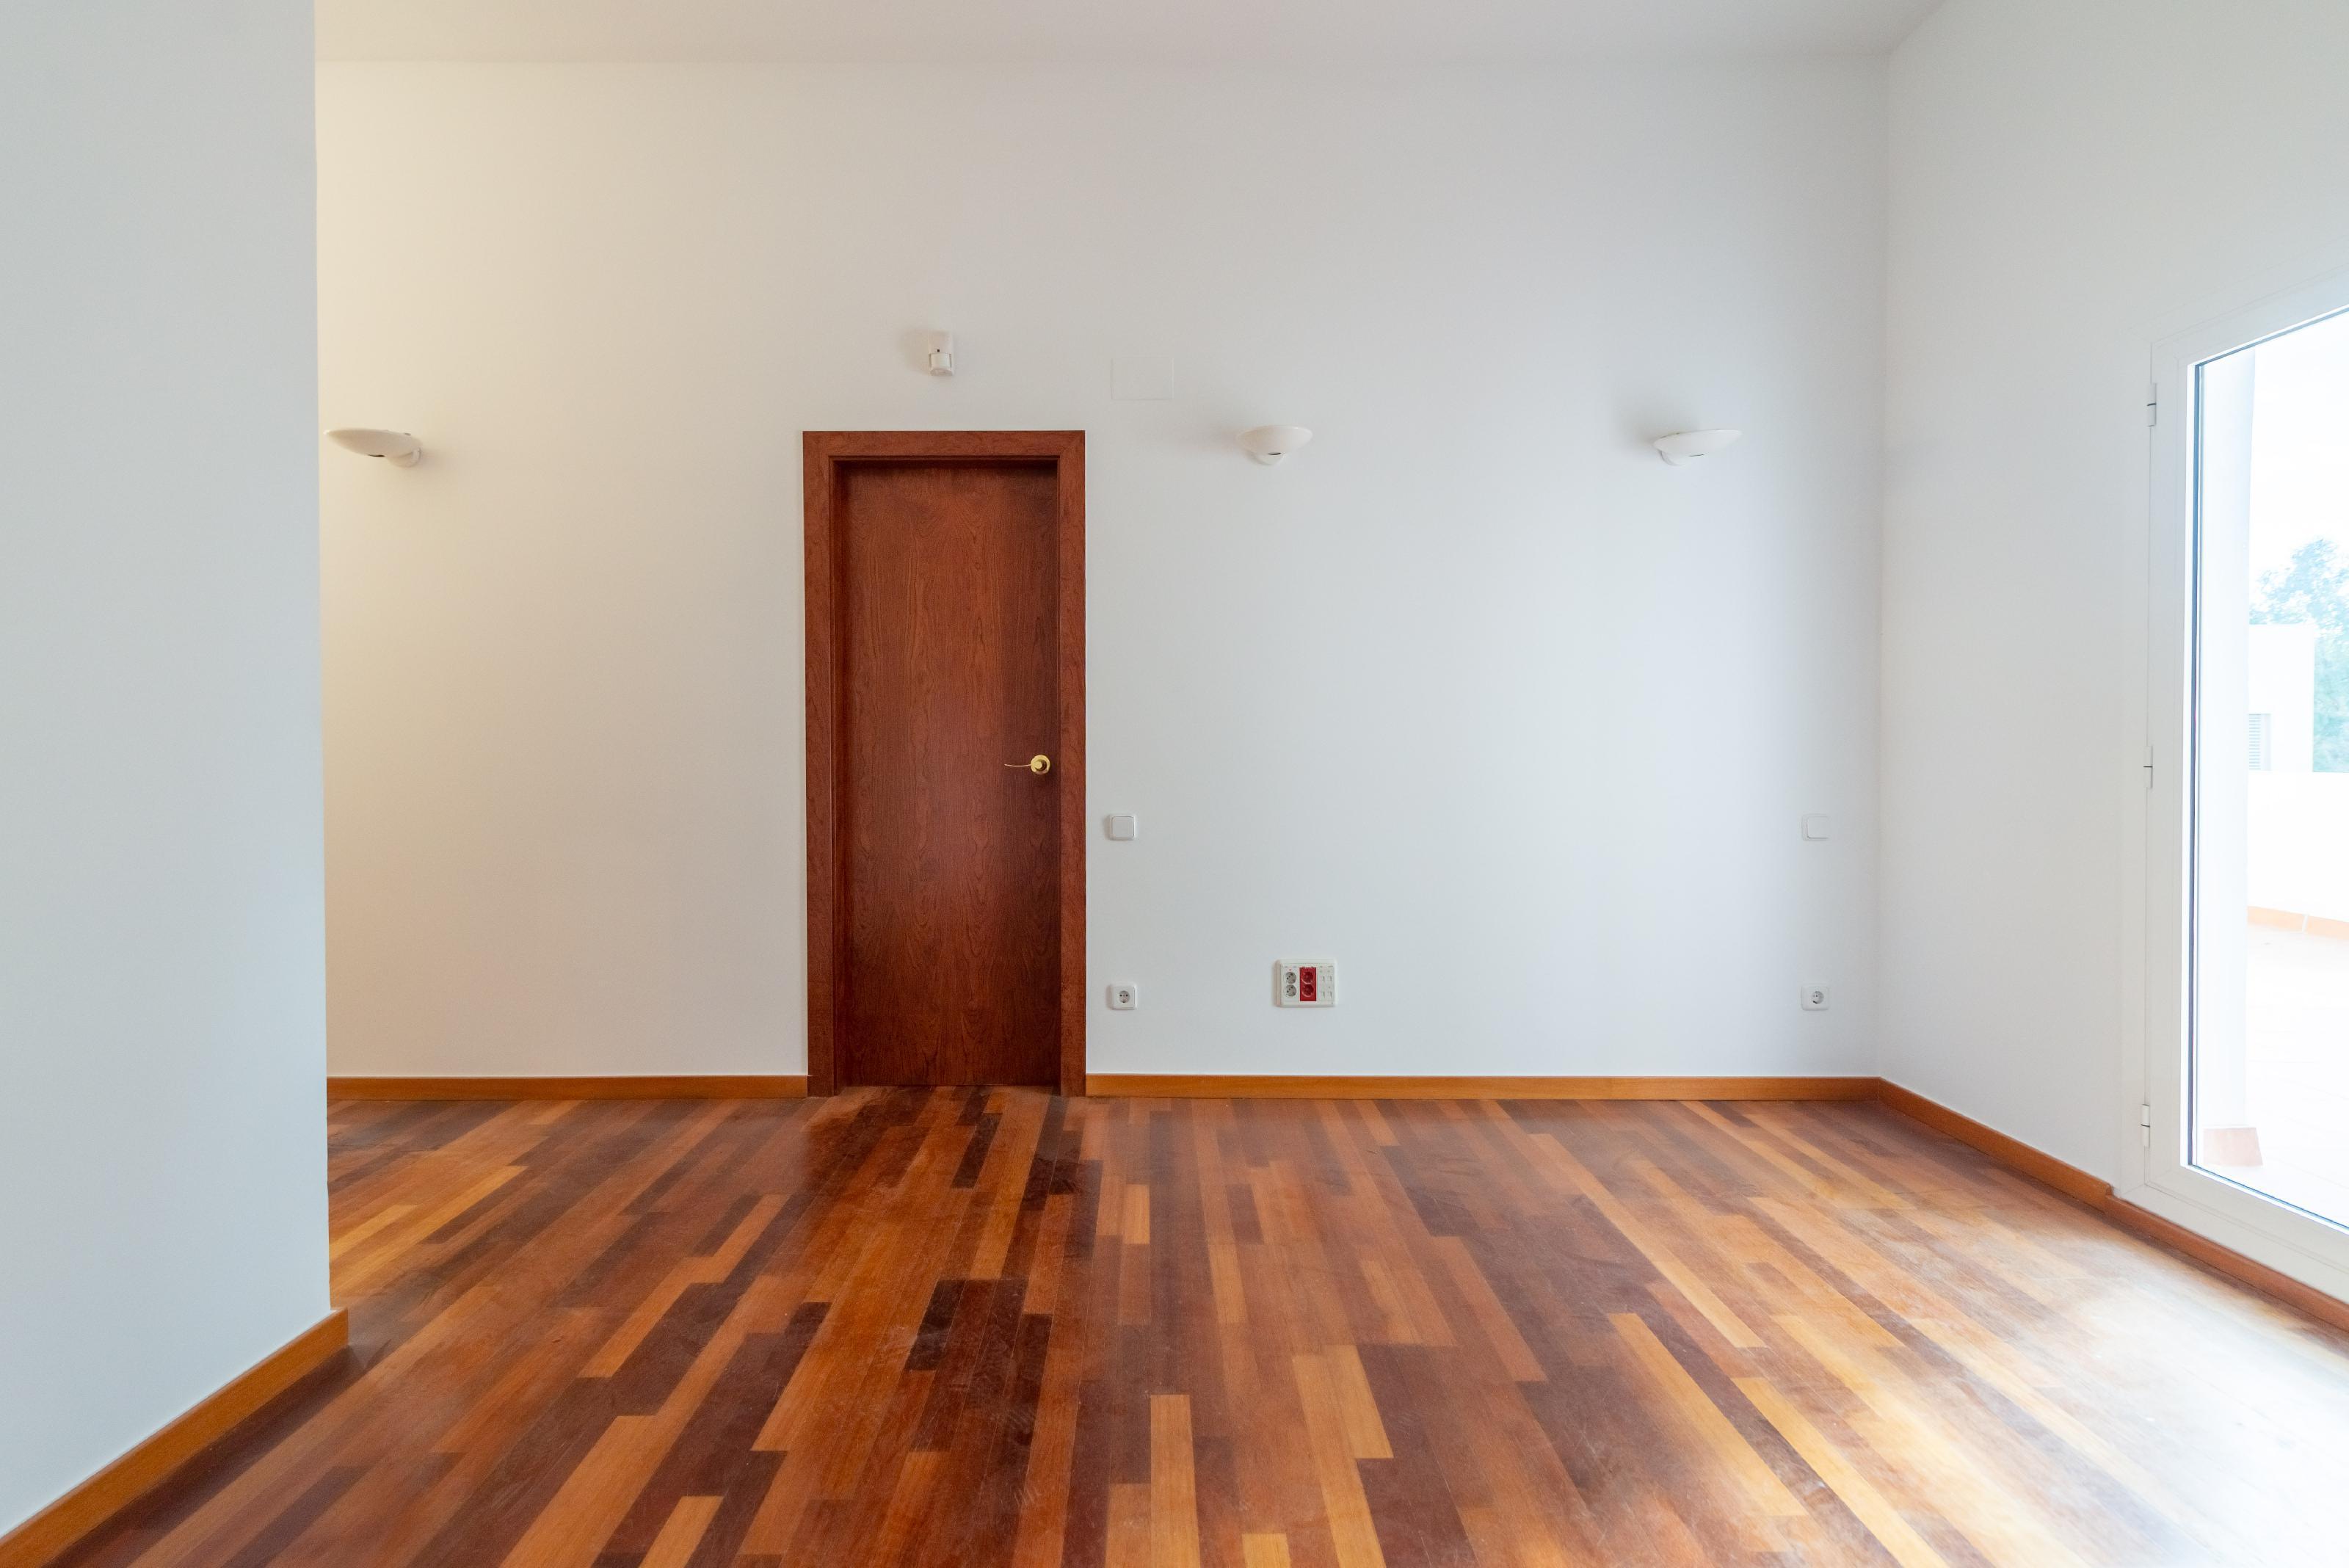 246065 Flat for sale in Sarrià-Sant Gervasi, Sarrià 7